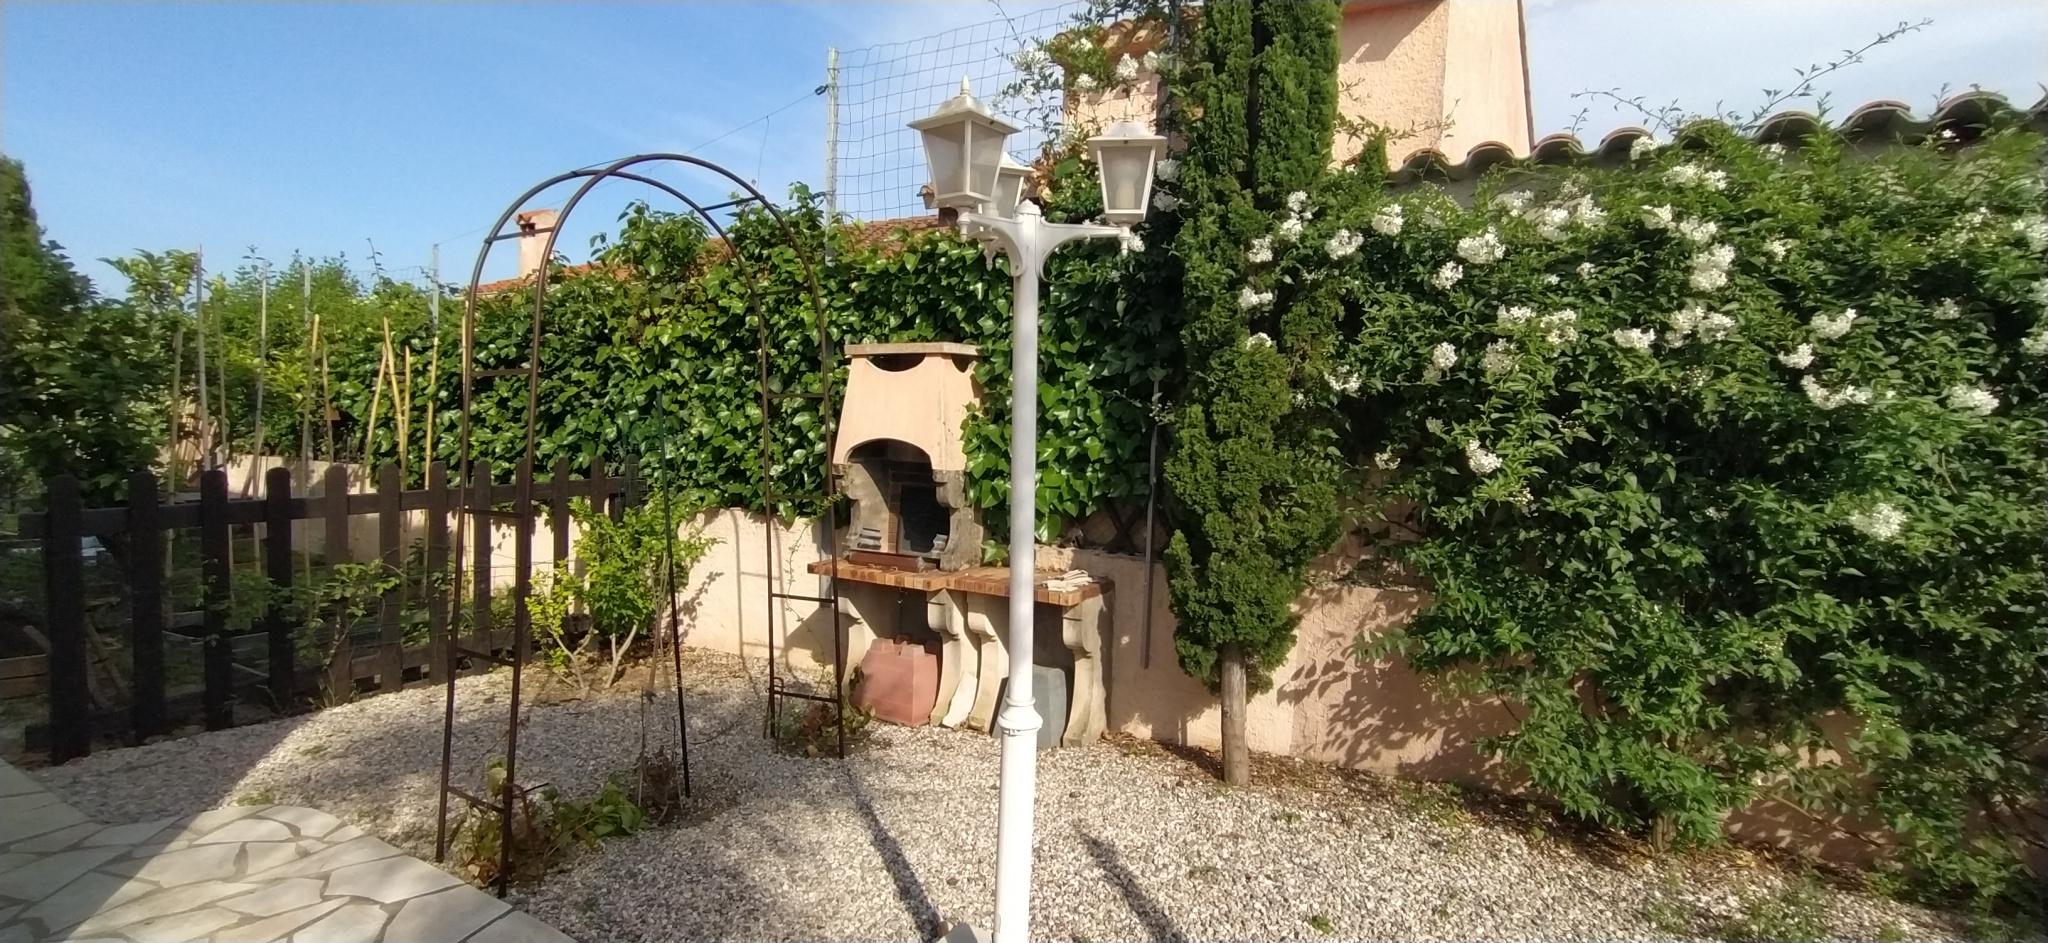 À vendre maison/villa de 140m2 à argeles sur mer (66700) - Photo 2'